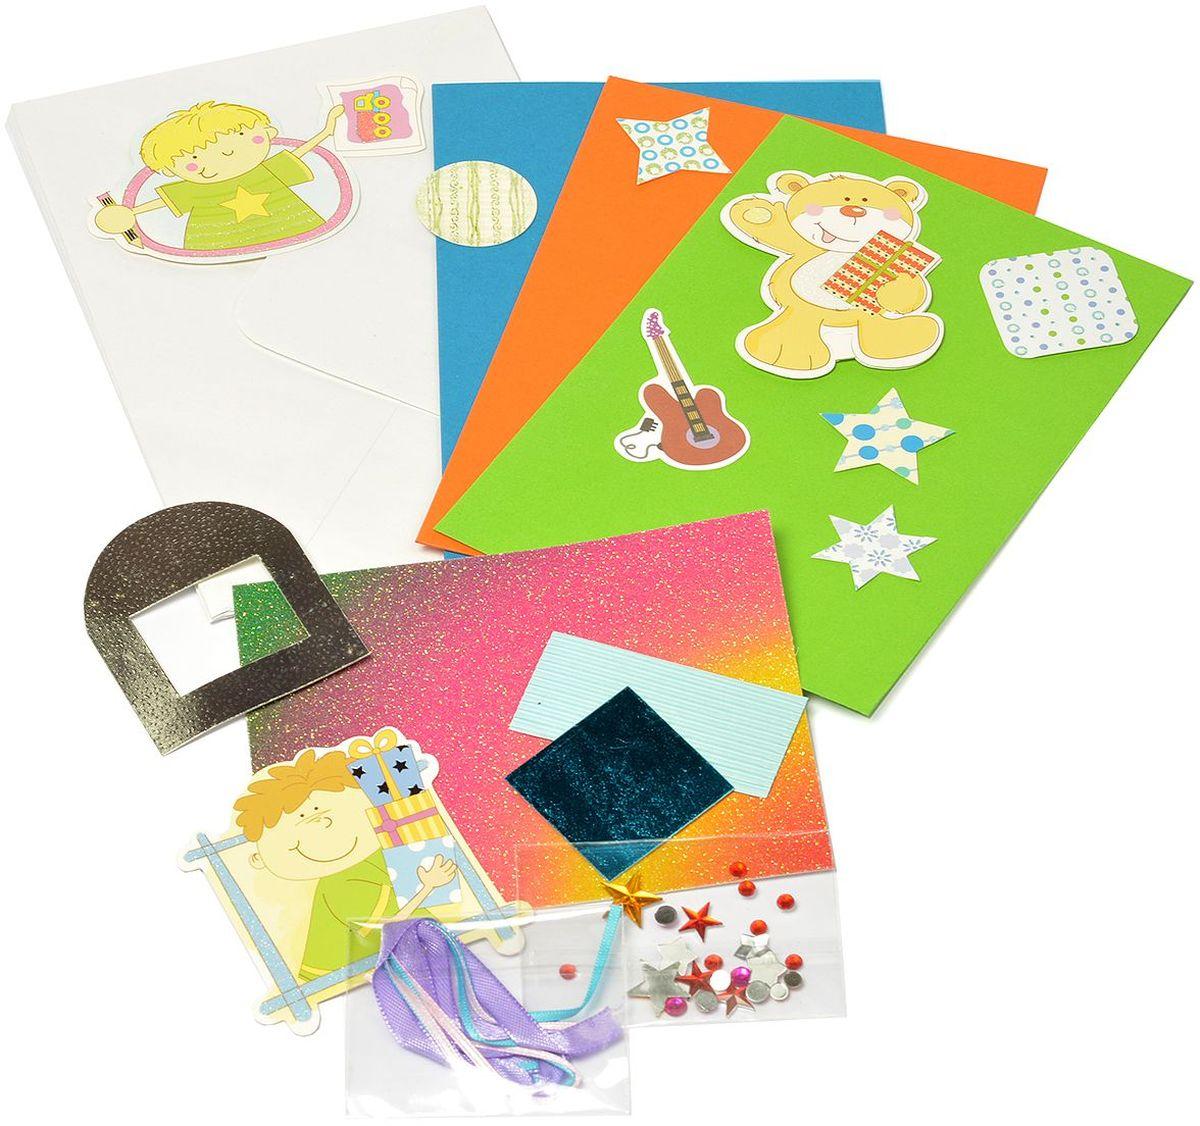 Набор для создания открыток Magic 4 Hobby MG.DIY-3 №5 11,5x17 смMG.DIY-3.05